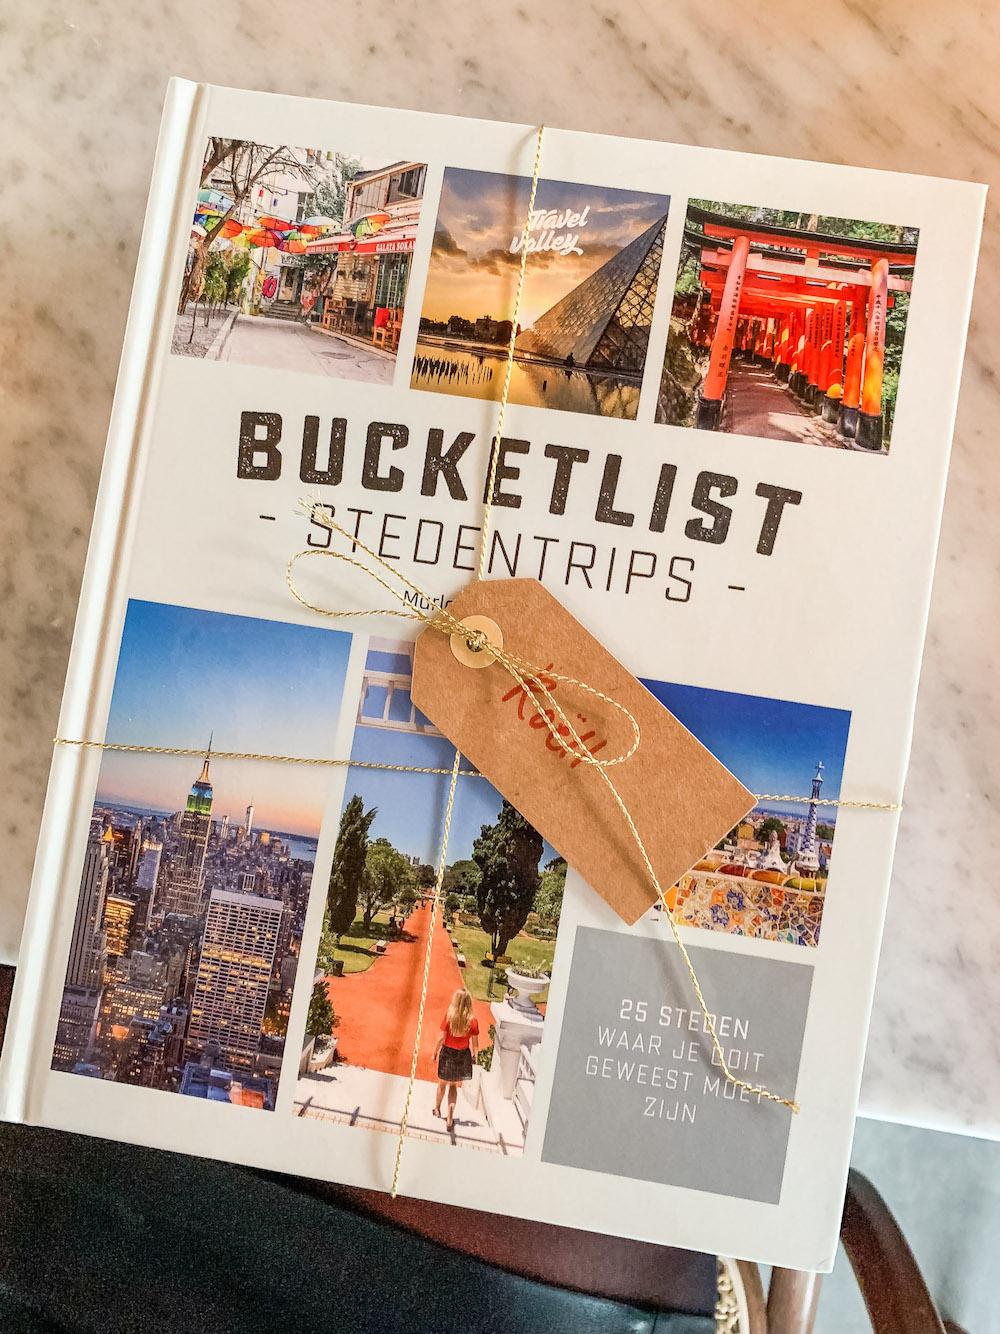 Bucketlist Stedentrips-2